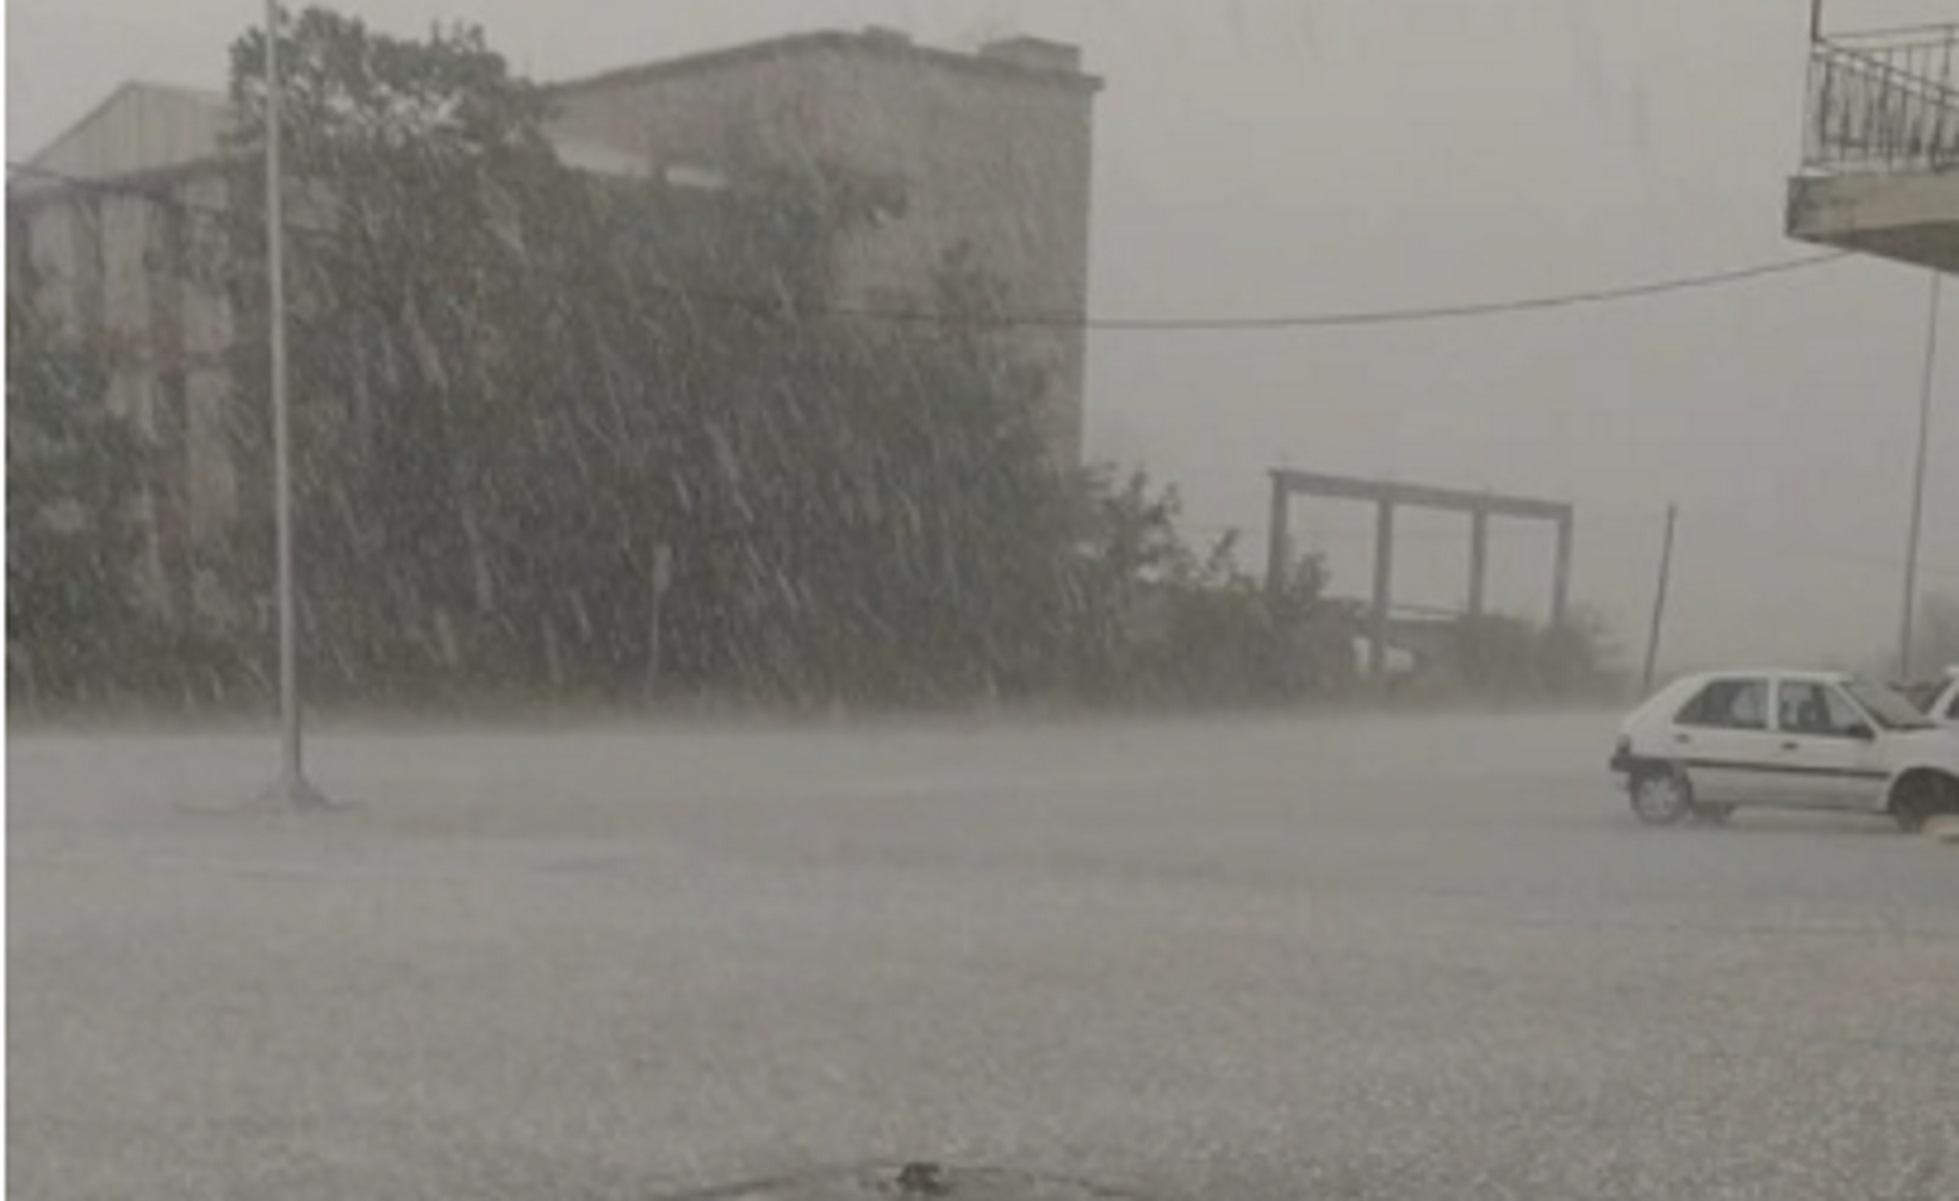 Καιρός – Ιωάννινα: Ισχυρό μπουρίνι και χαλάζι προκάλεσαν καταστροφές